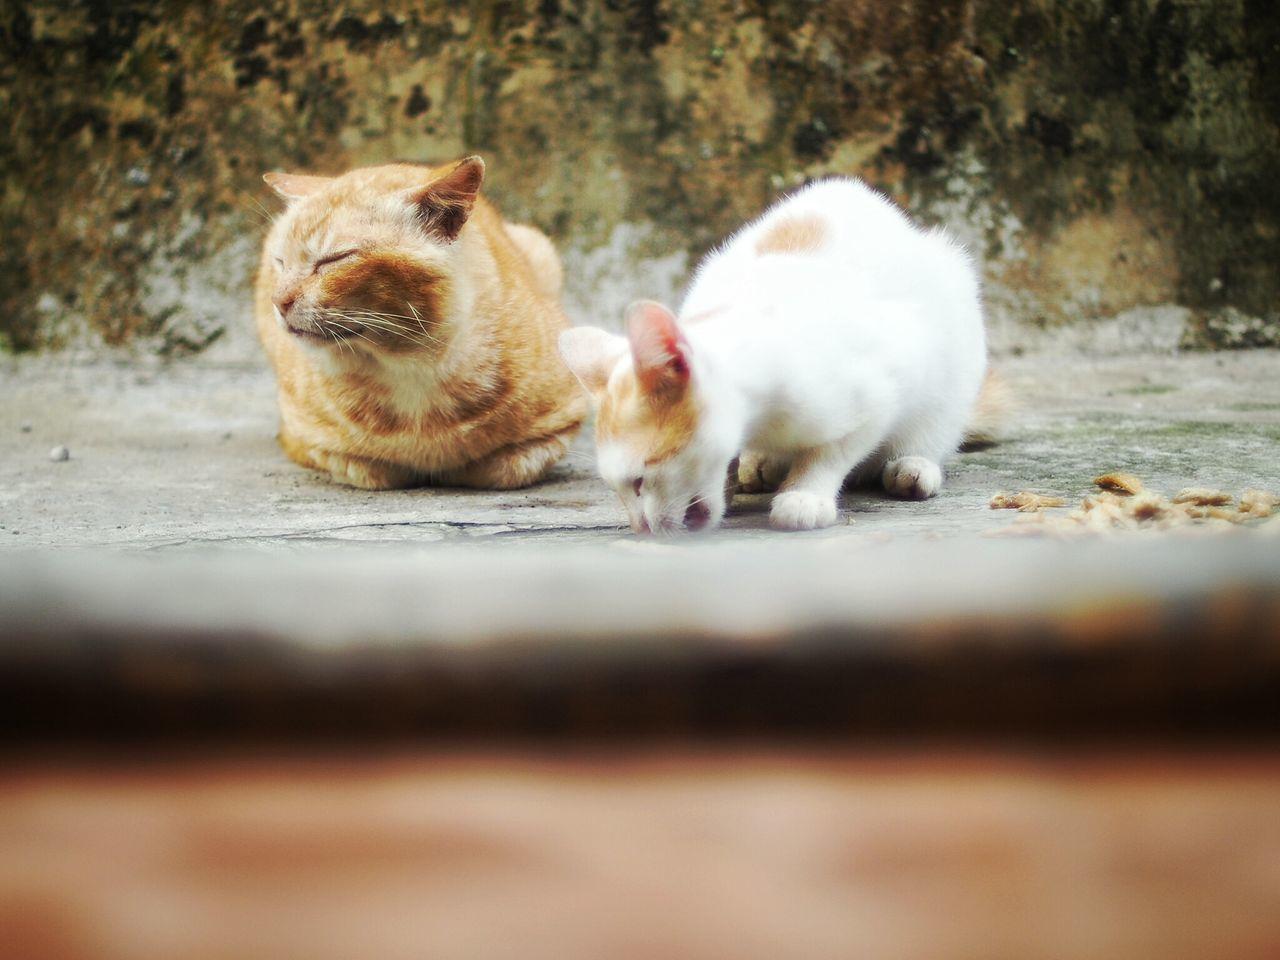 Stray Cats Feeding On Street